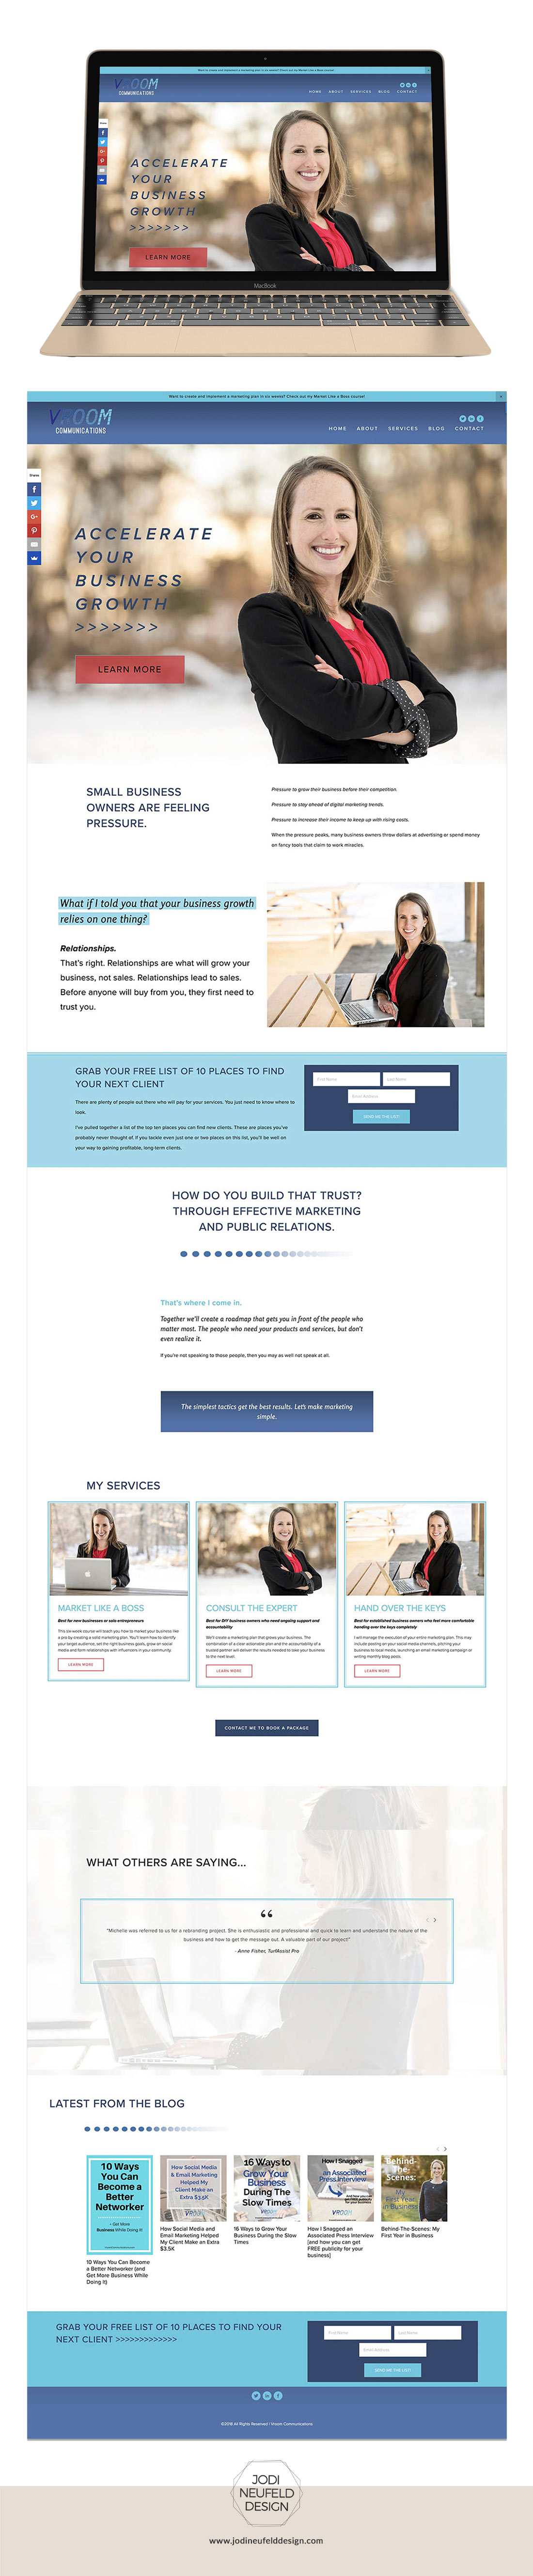 Michelle Vroom Squarespace fixer upper by Jodi Neufeld Design | Home page design